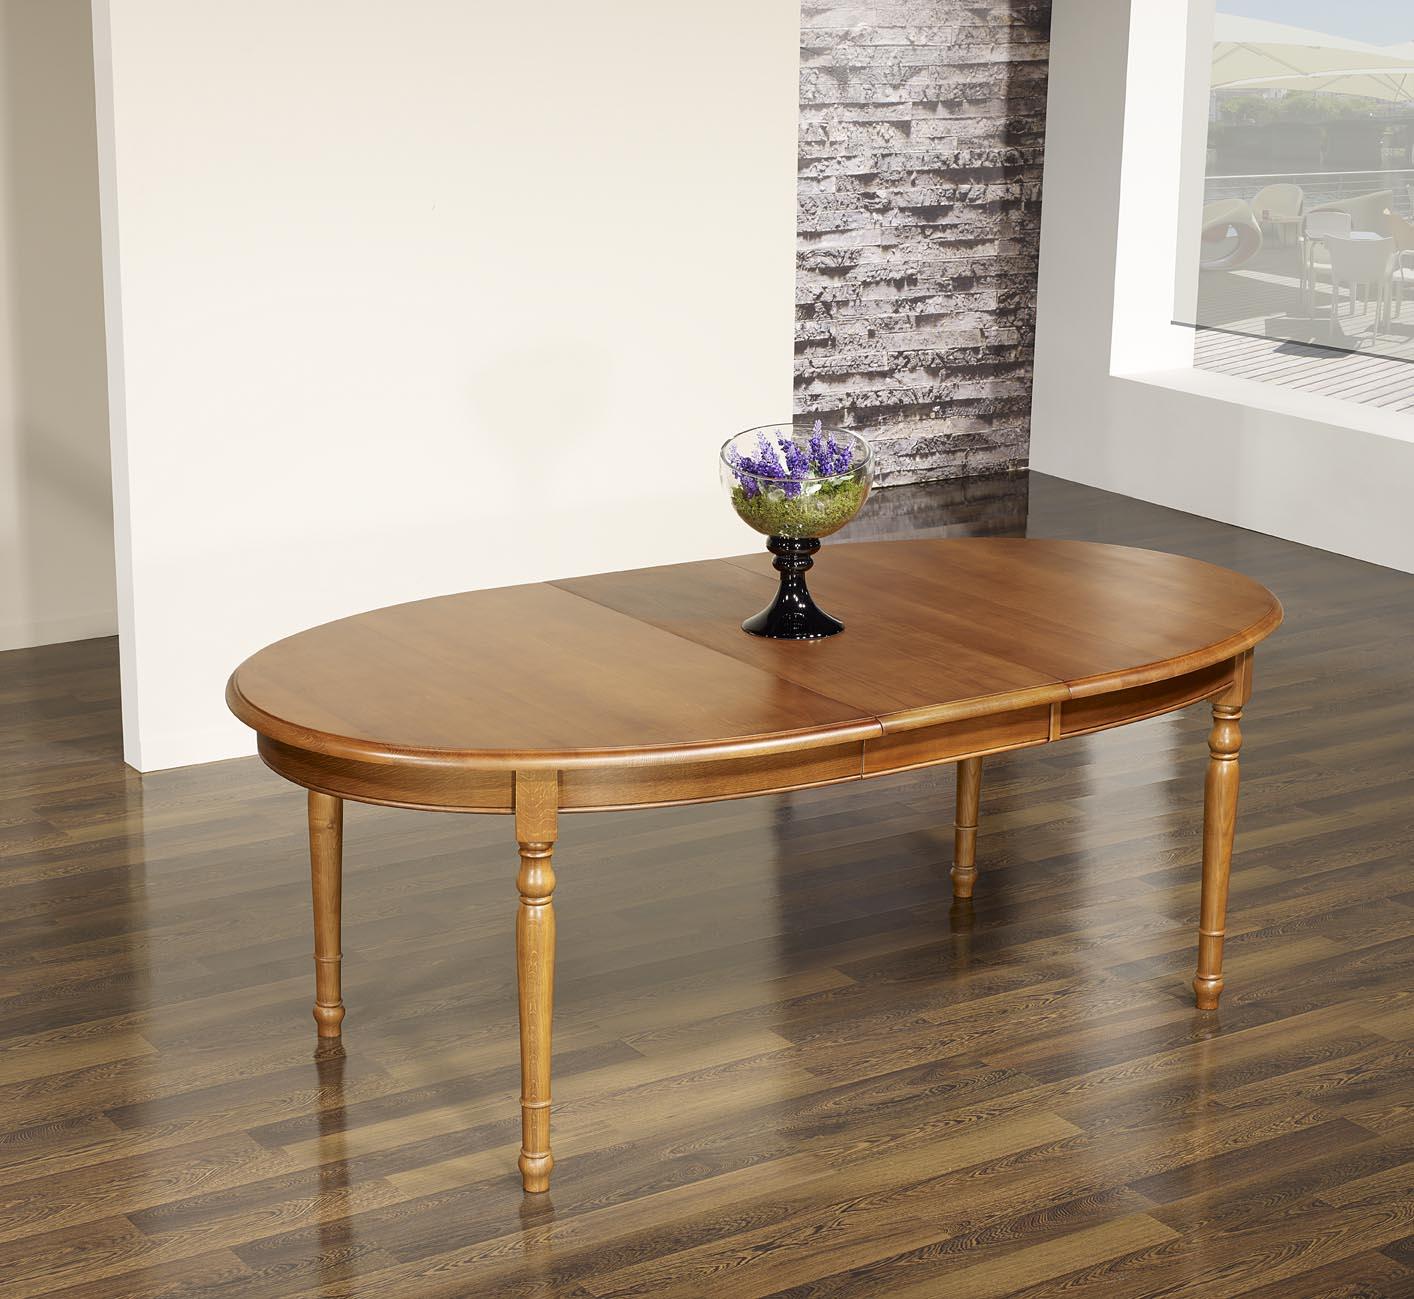 Table ovale 170x110 en ch ne massif de style louis for Table ovale chene massif